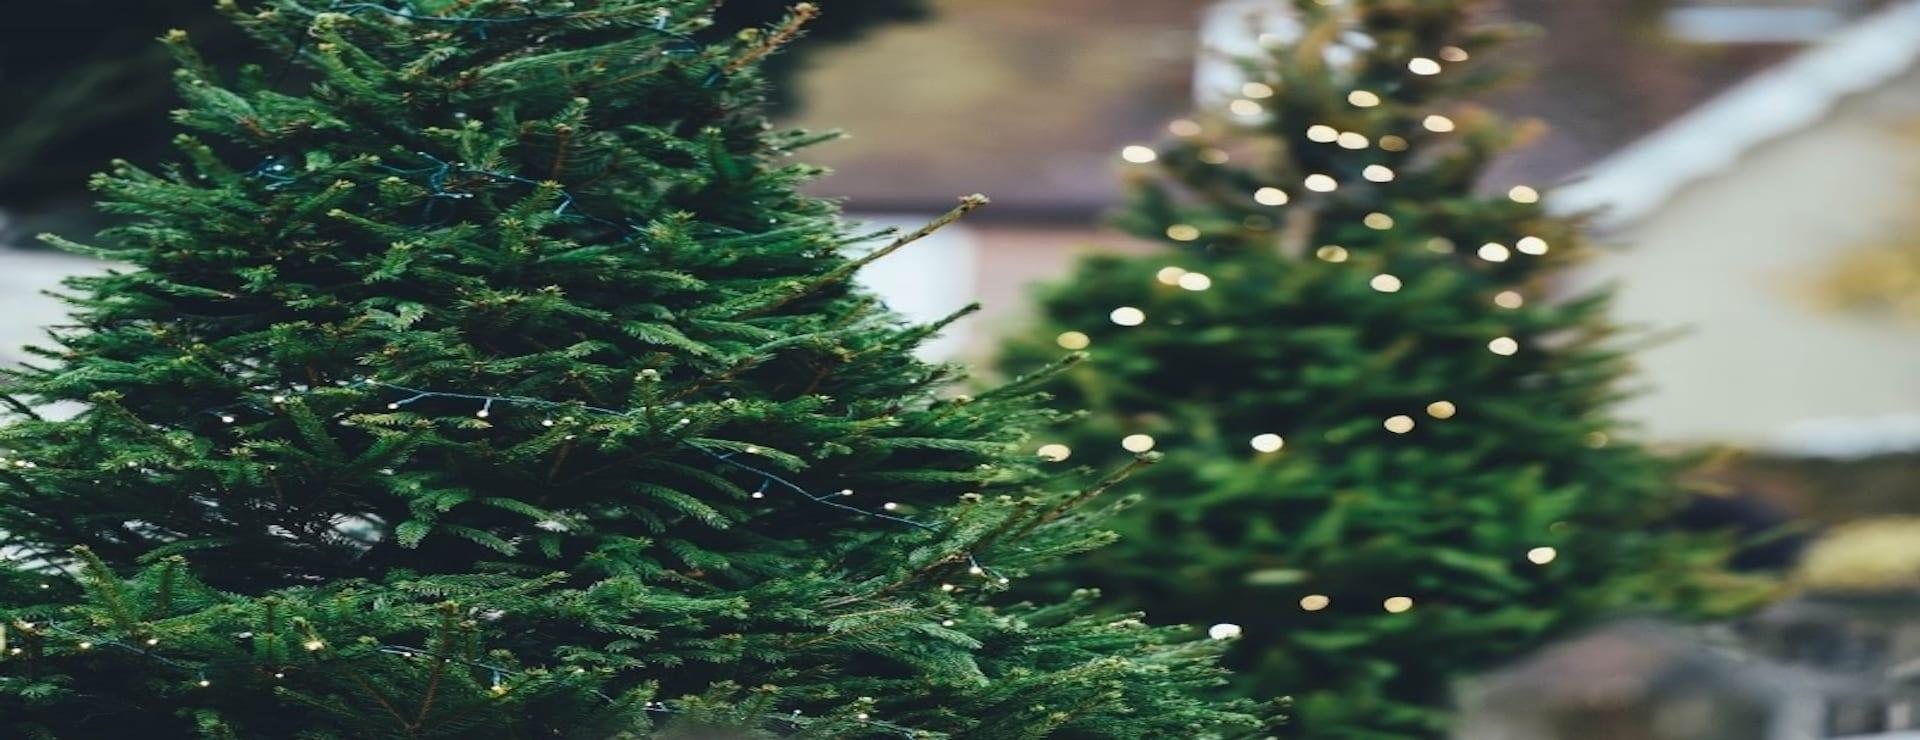 Kanta-asiakkaiden joulukuuset kotiovelle